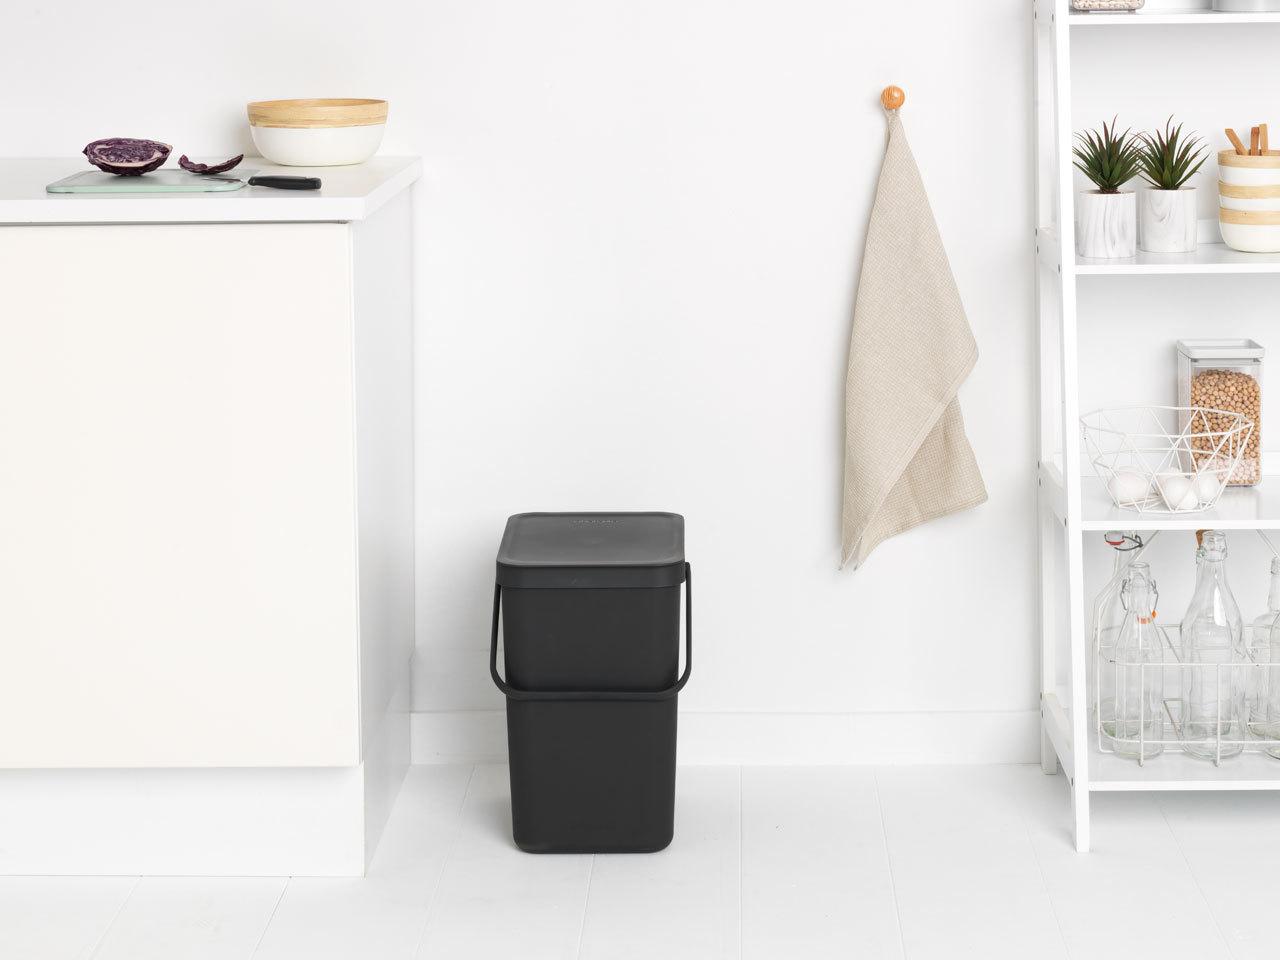 Встраиваемое мусорное ведро Sort & Go (25 л), Серый, арт. 129940 - фото 1